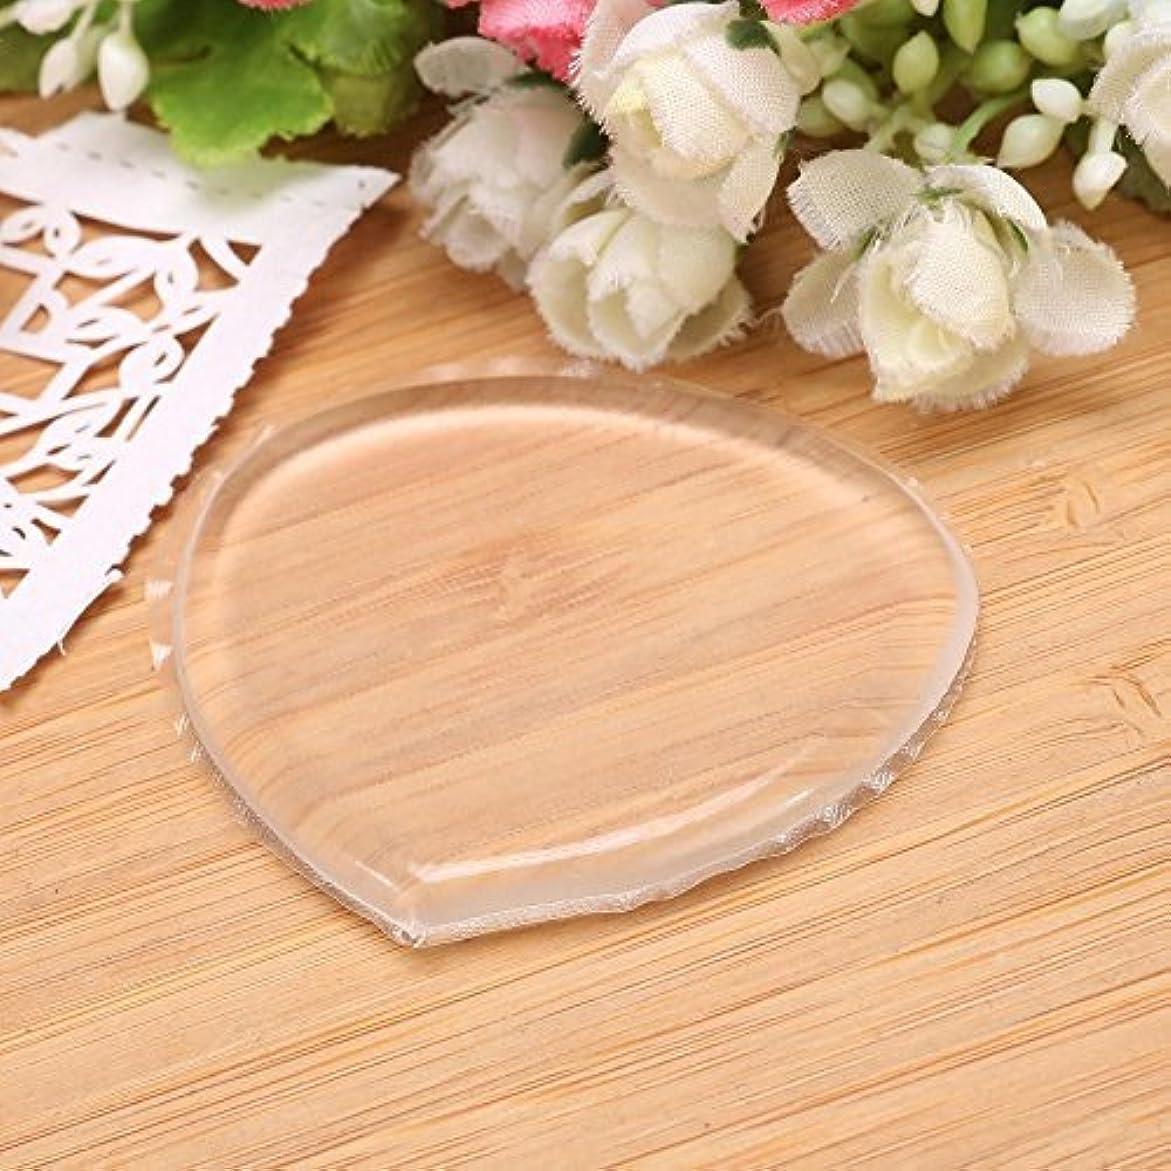 シリコーンゲルパウダーファンデーションクリーム化粧クリーム化粧品bbパフ